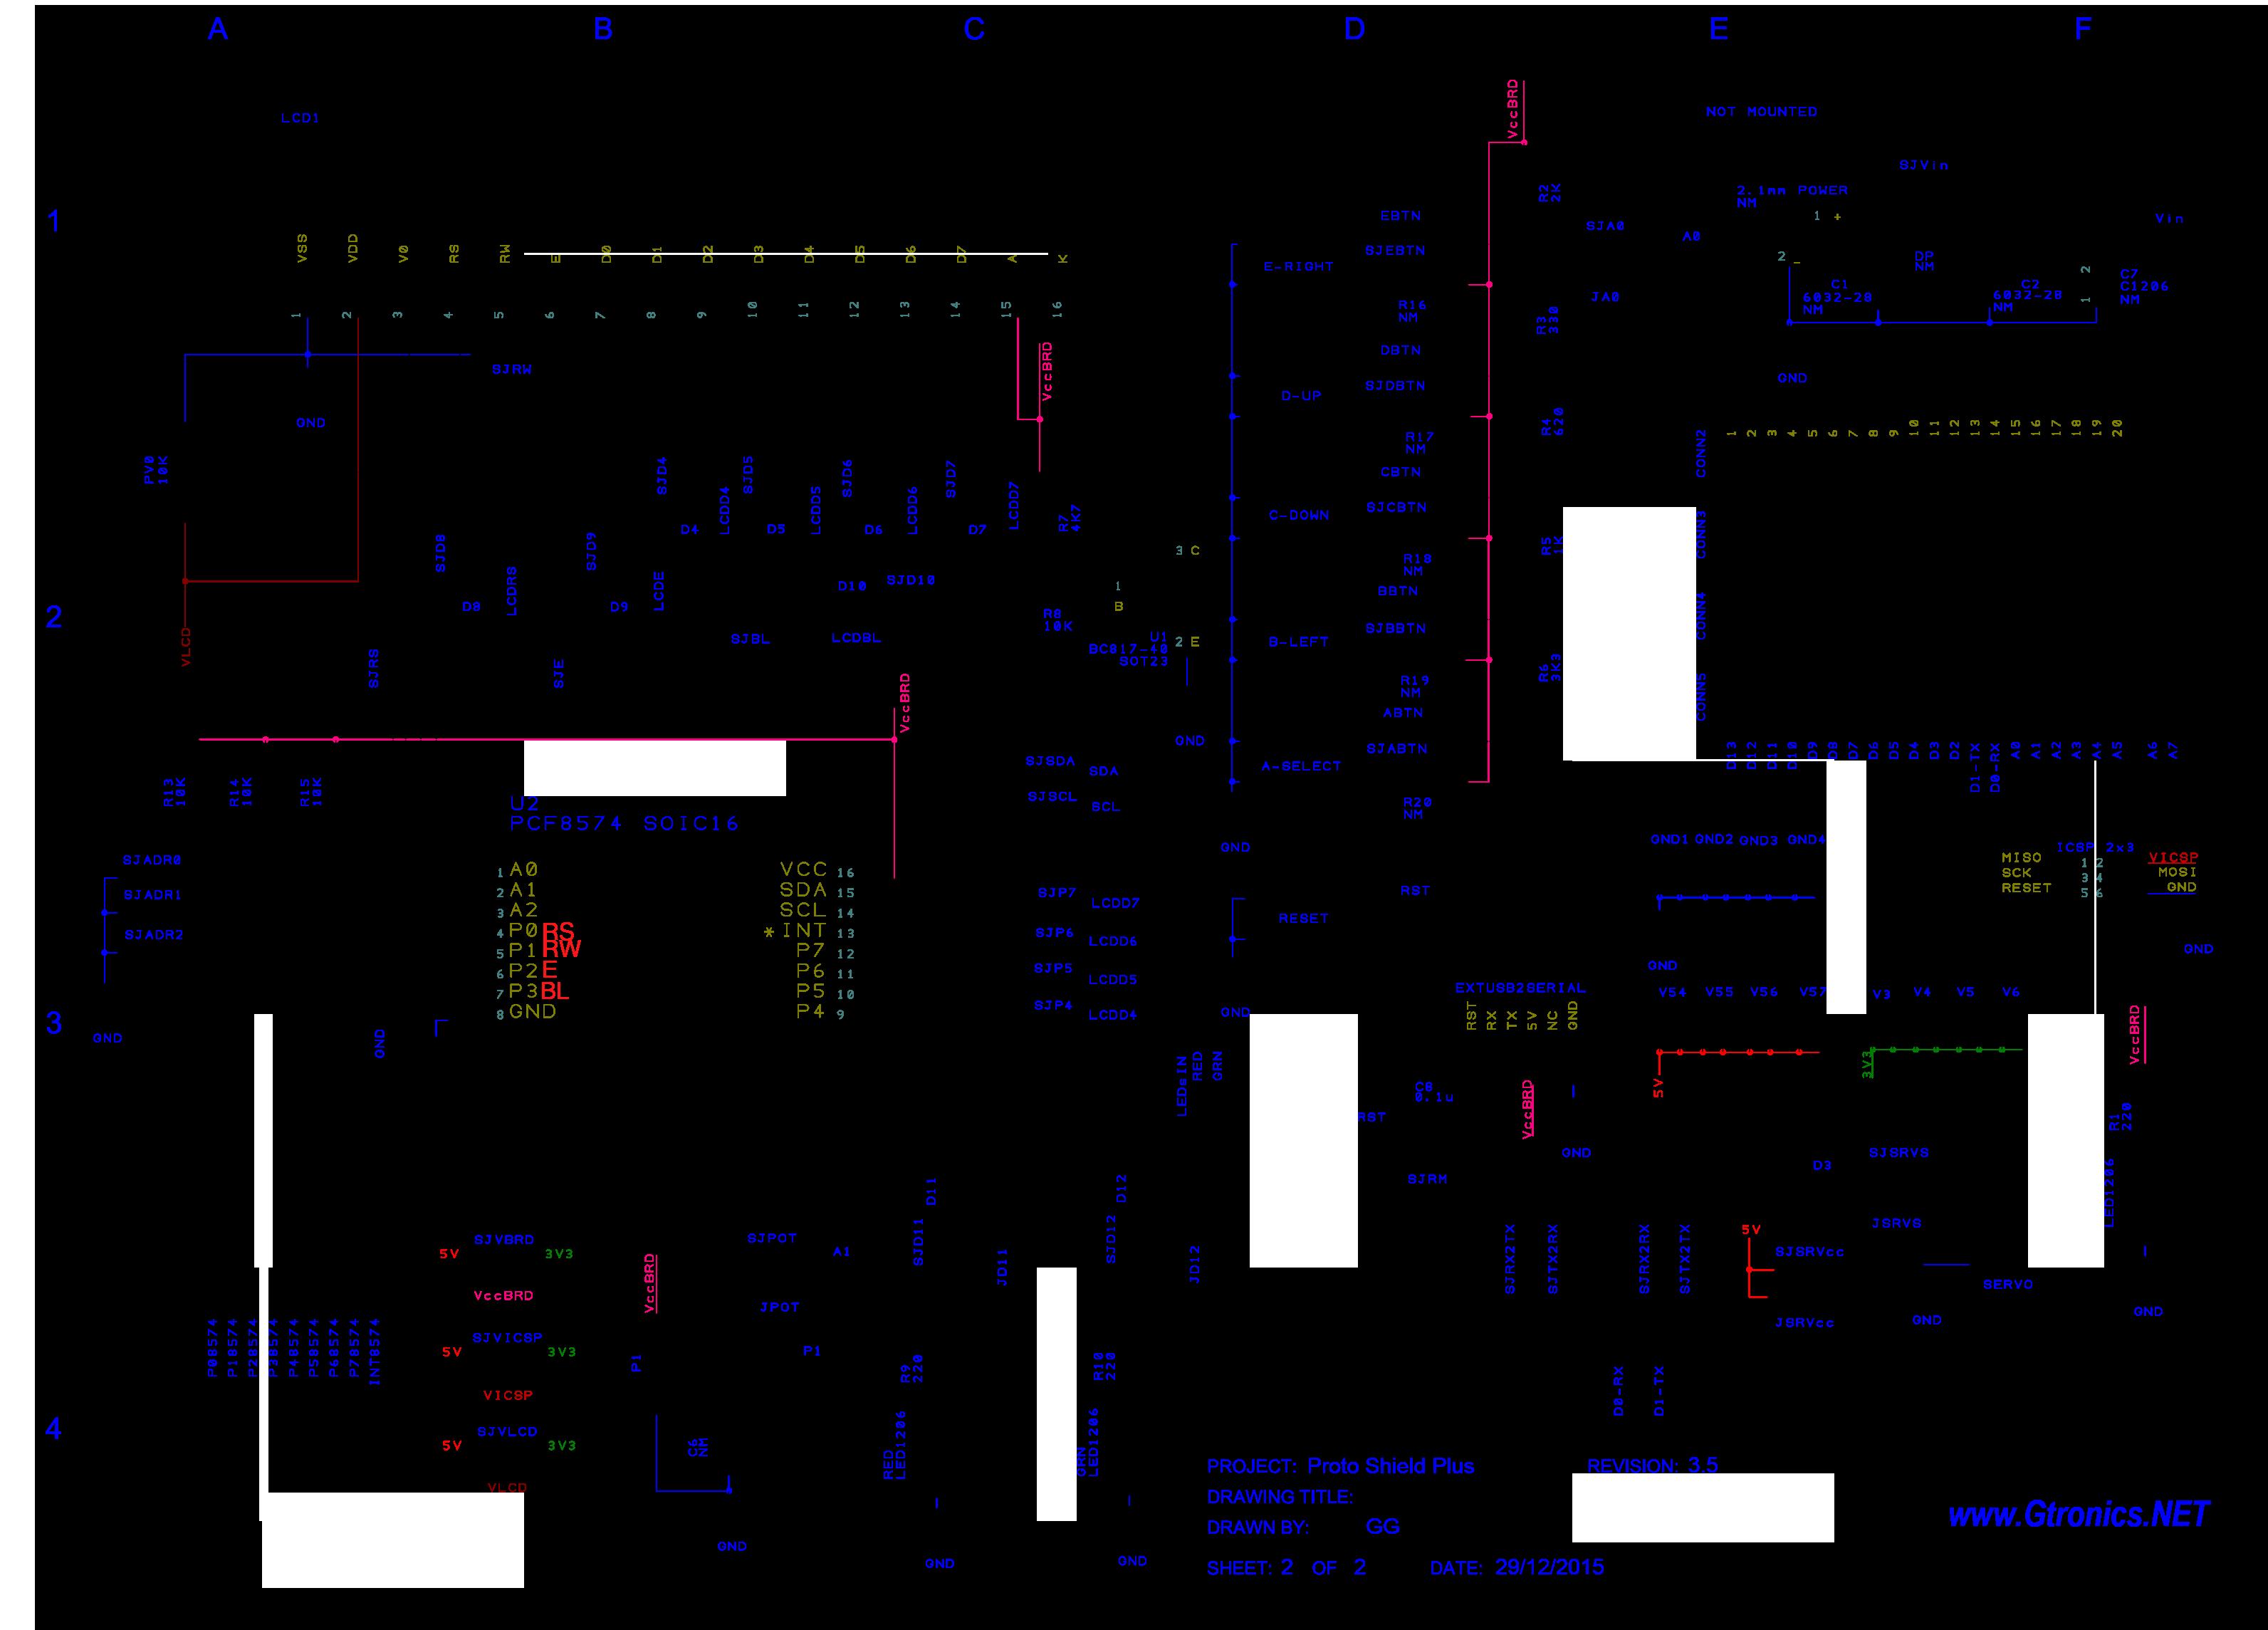 Proto Shield Plus Schematics